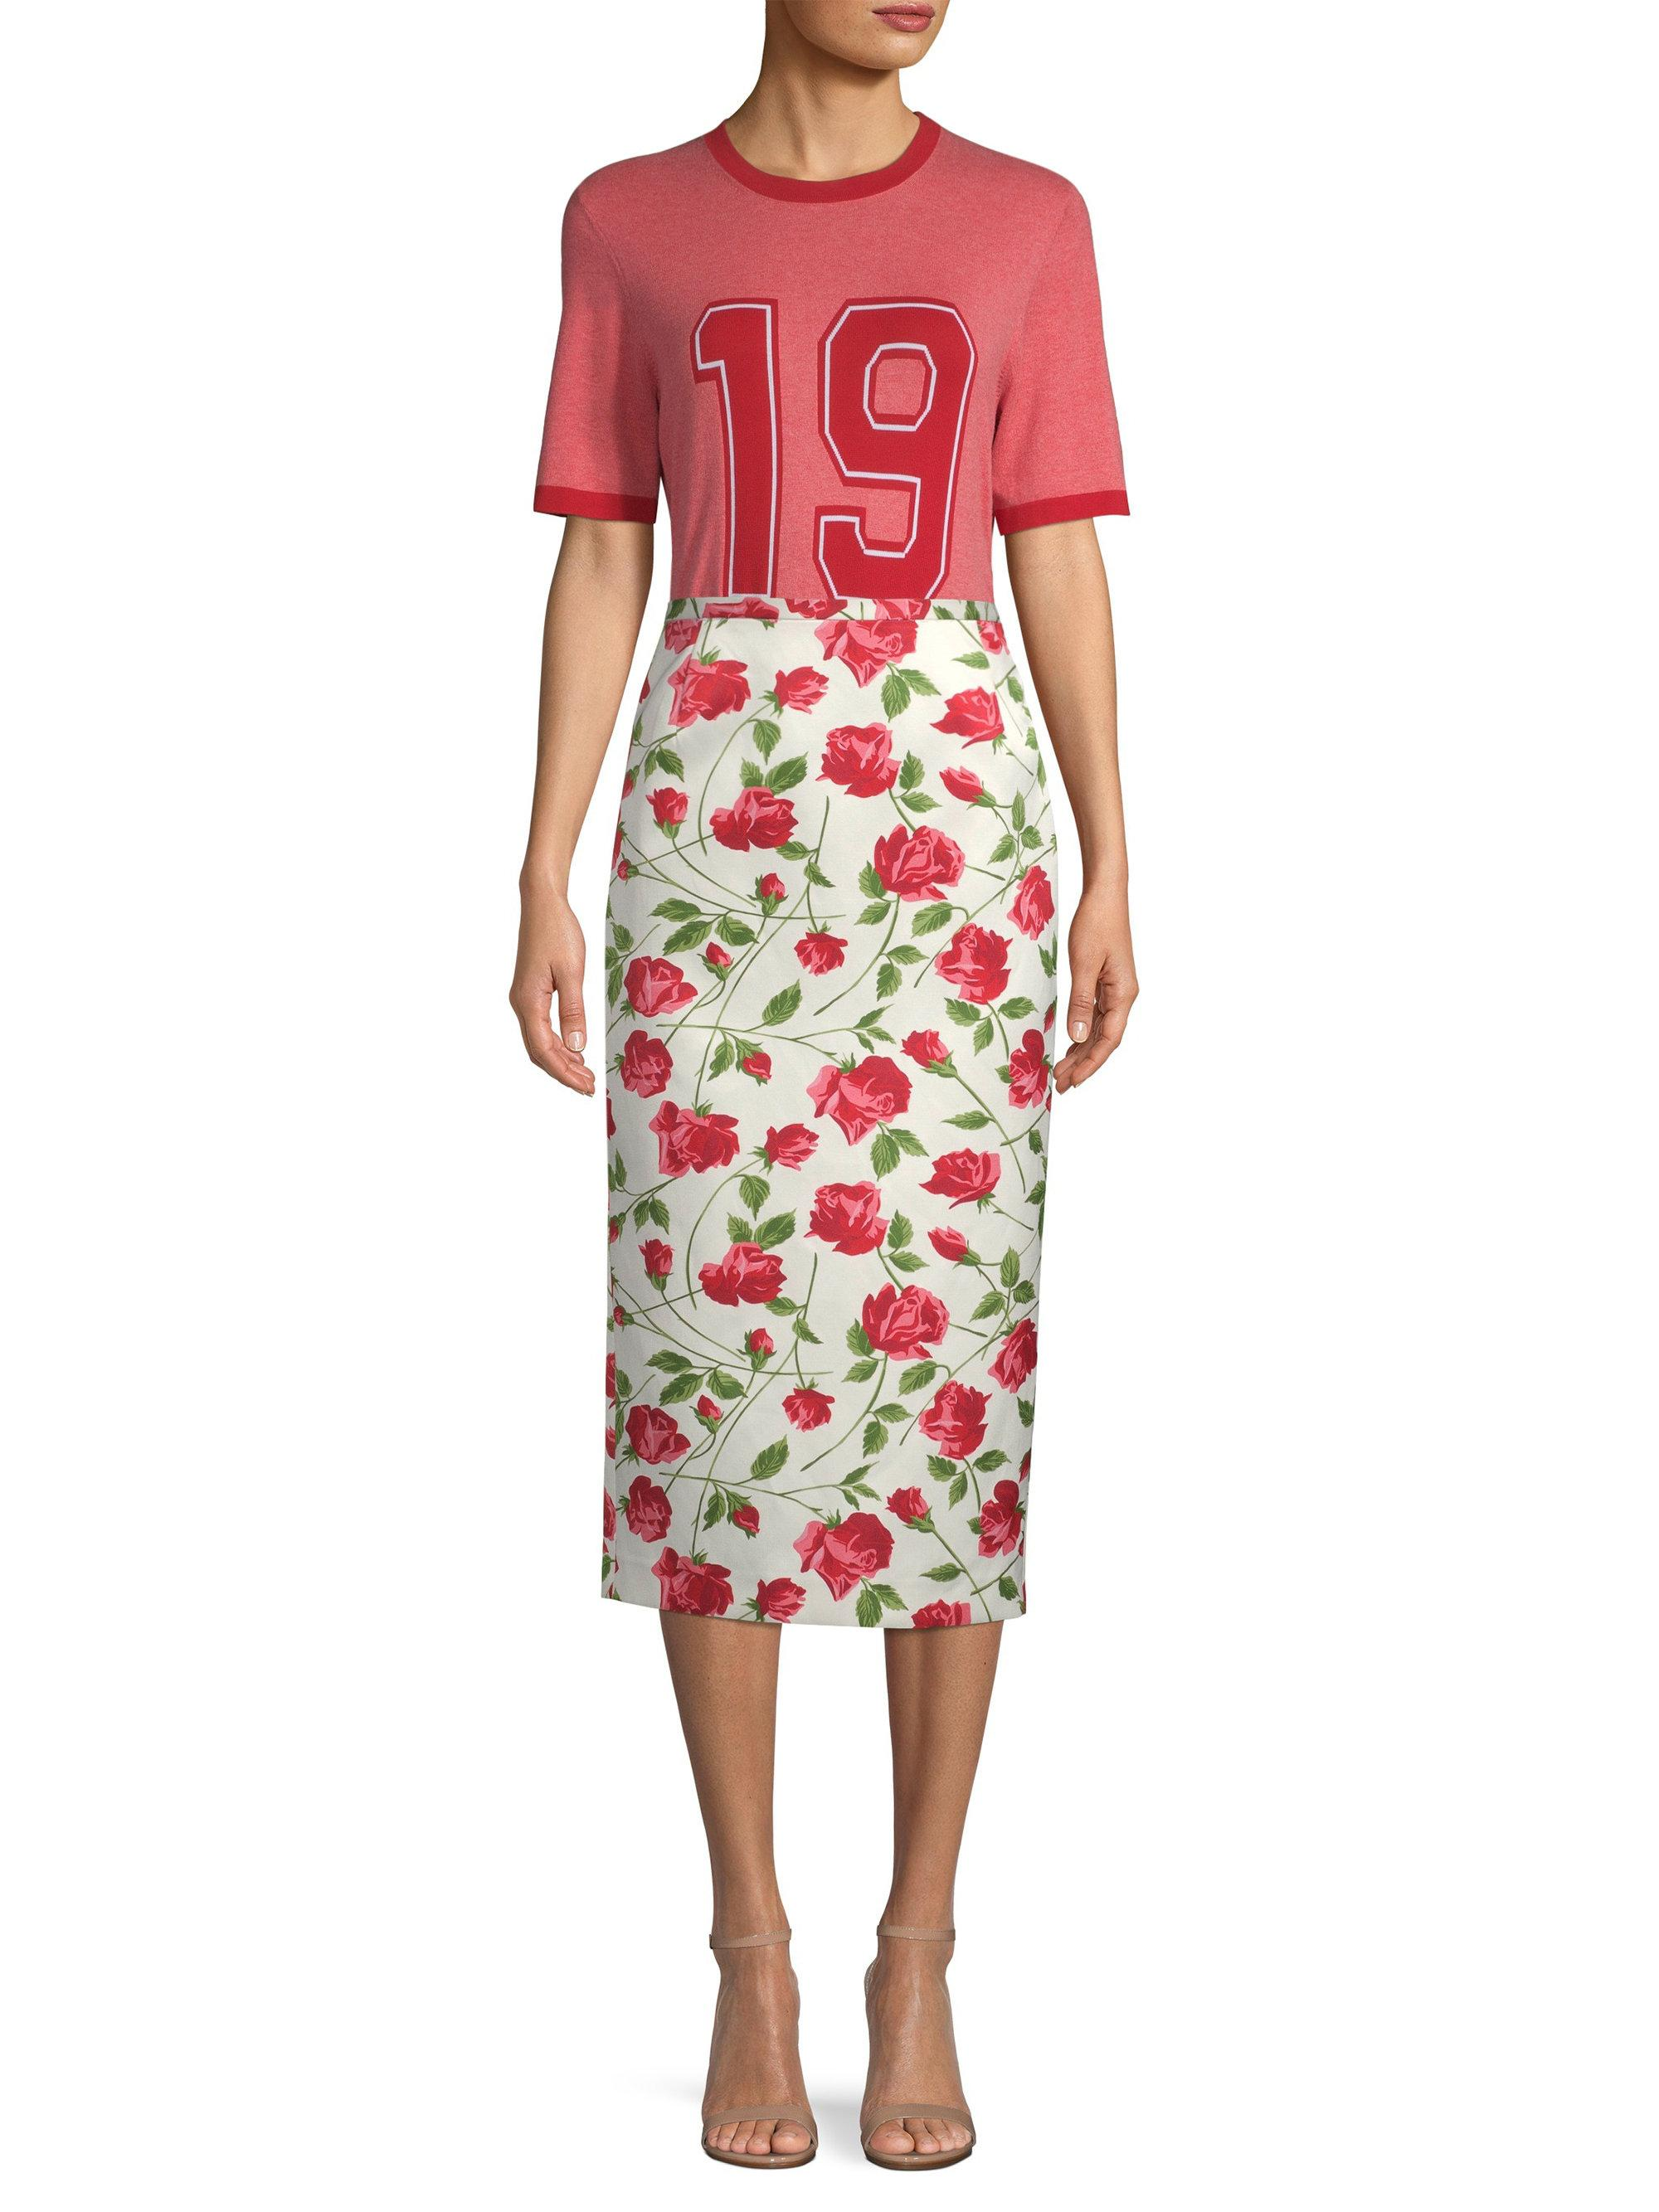 96fa6d8a53af6 Michael Kors - Multicolor Rose Print Pencil Skirt - Lyst. View fullscreen